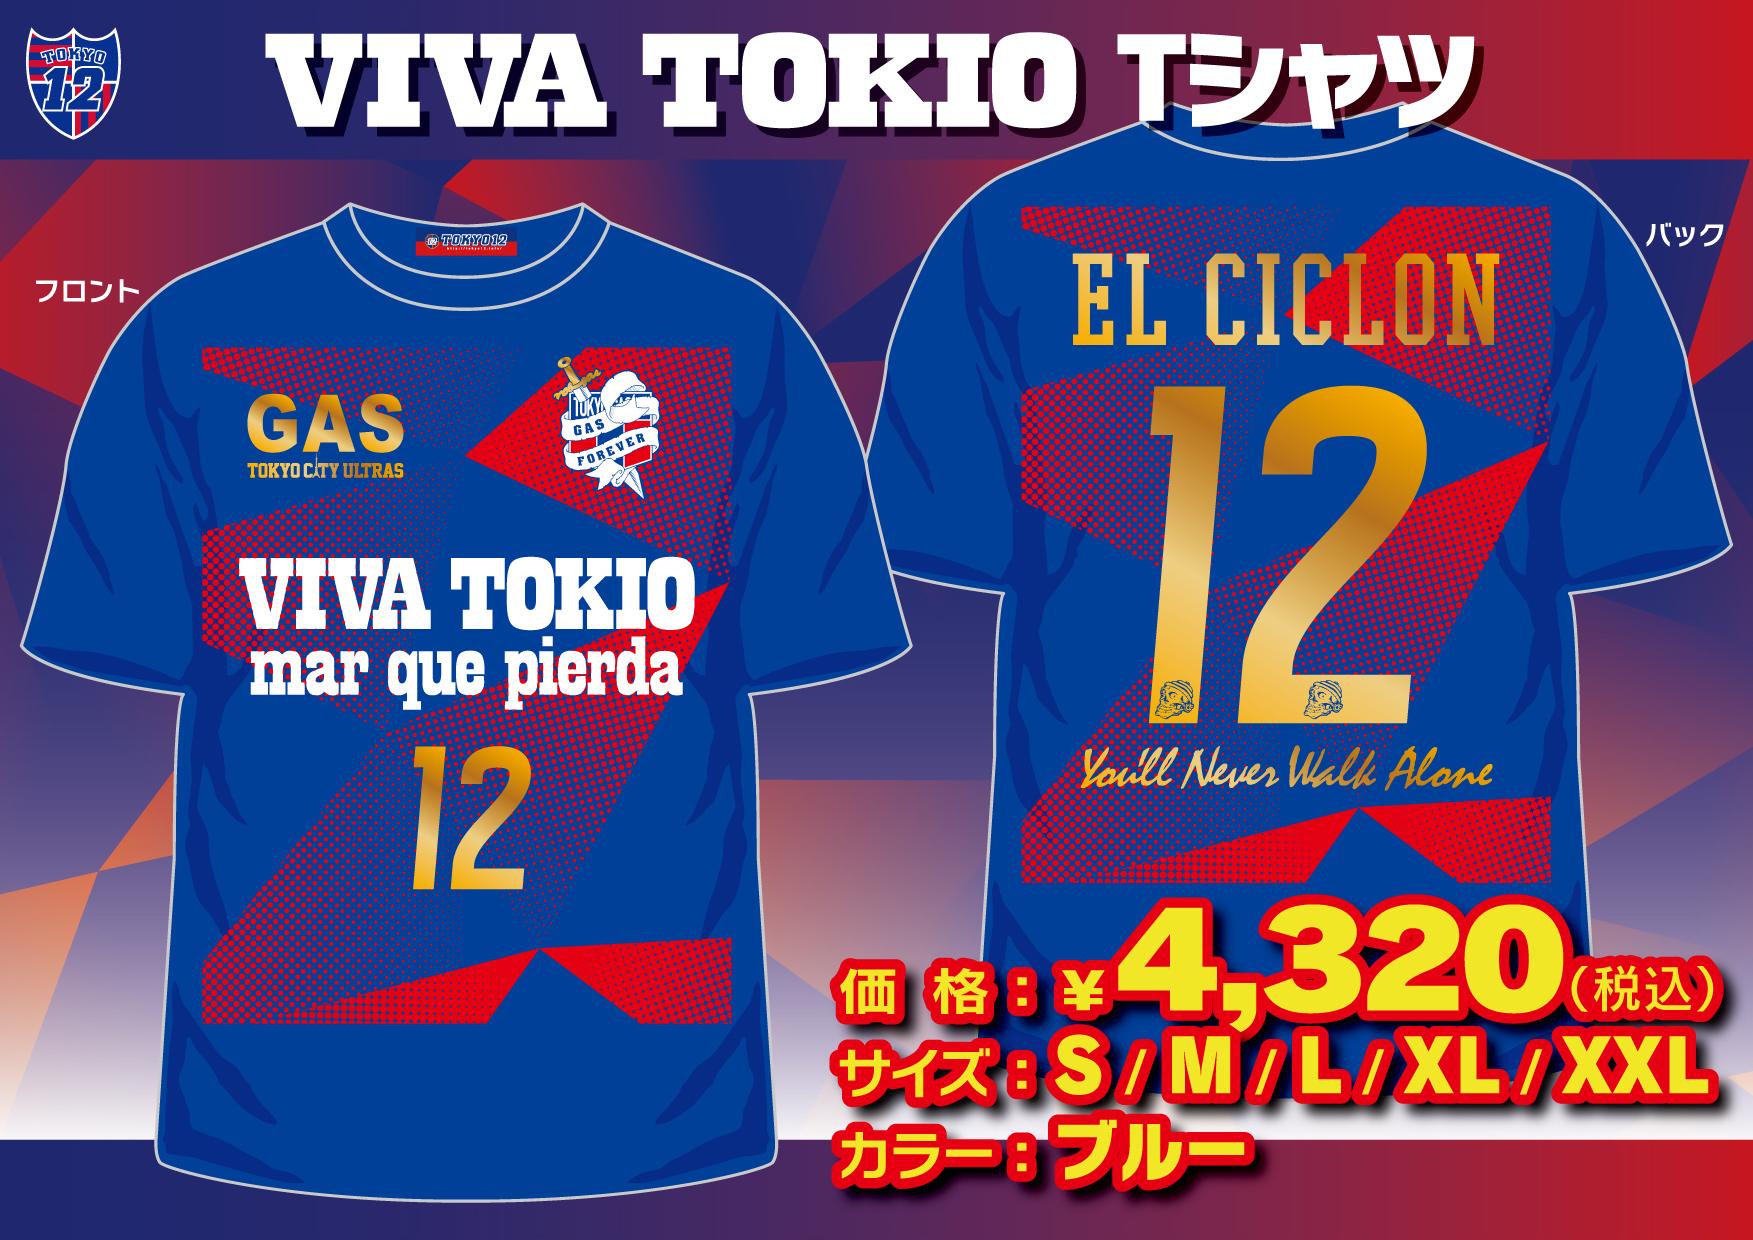 VIVA TOKIO Tシャツ